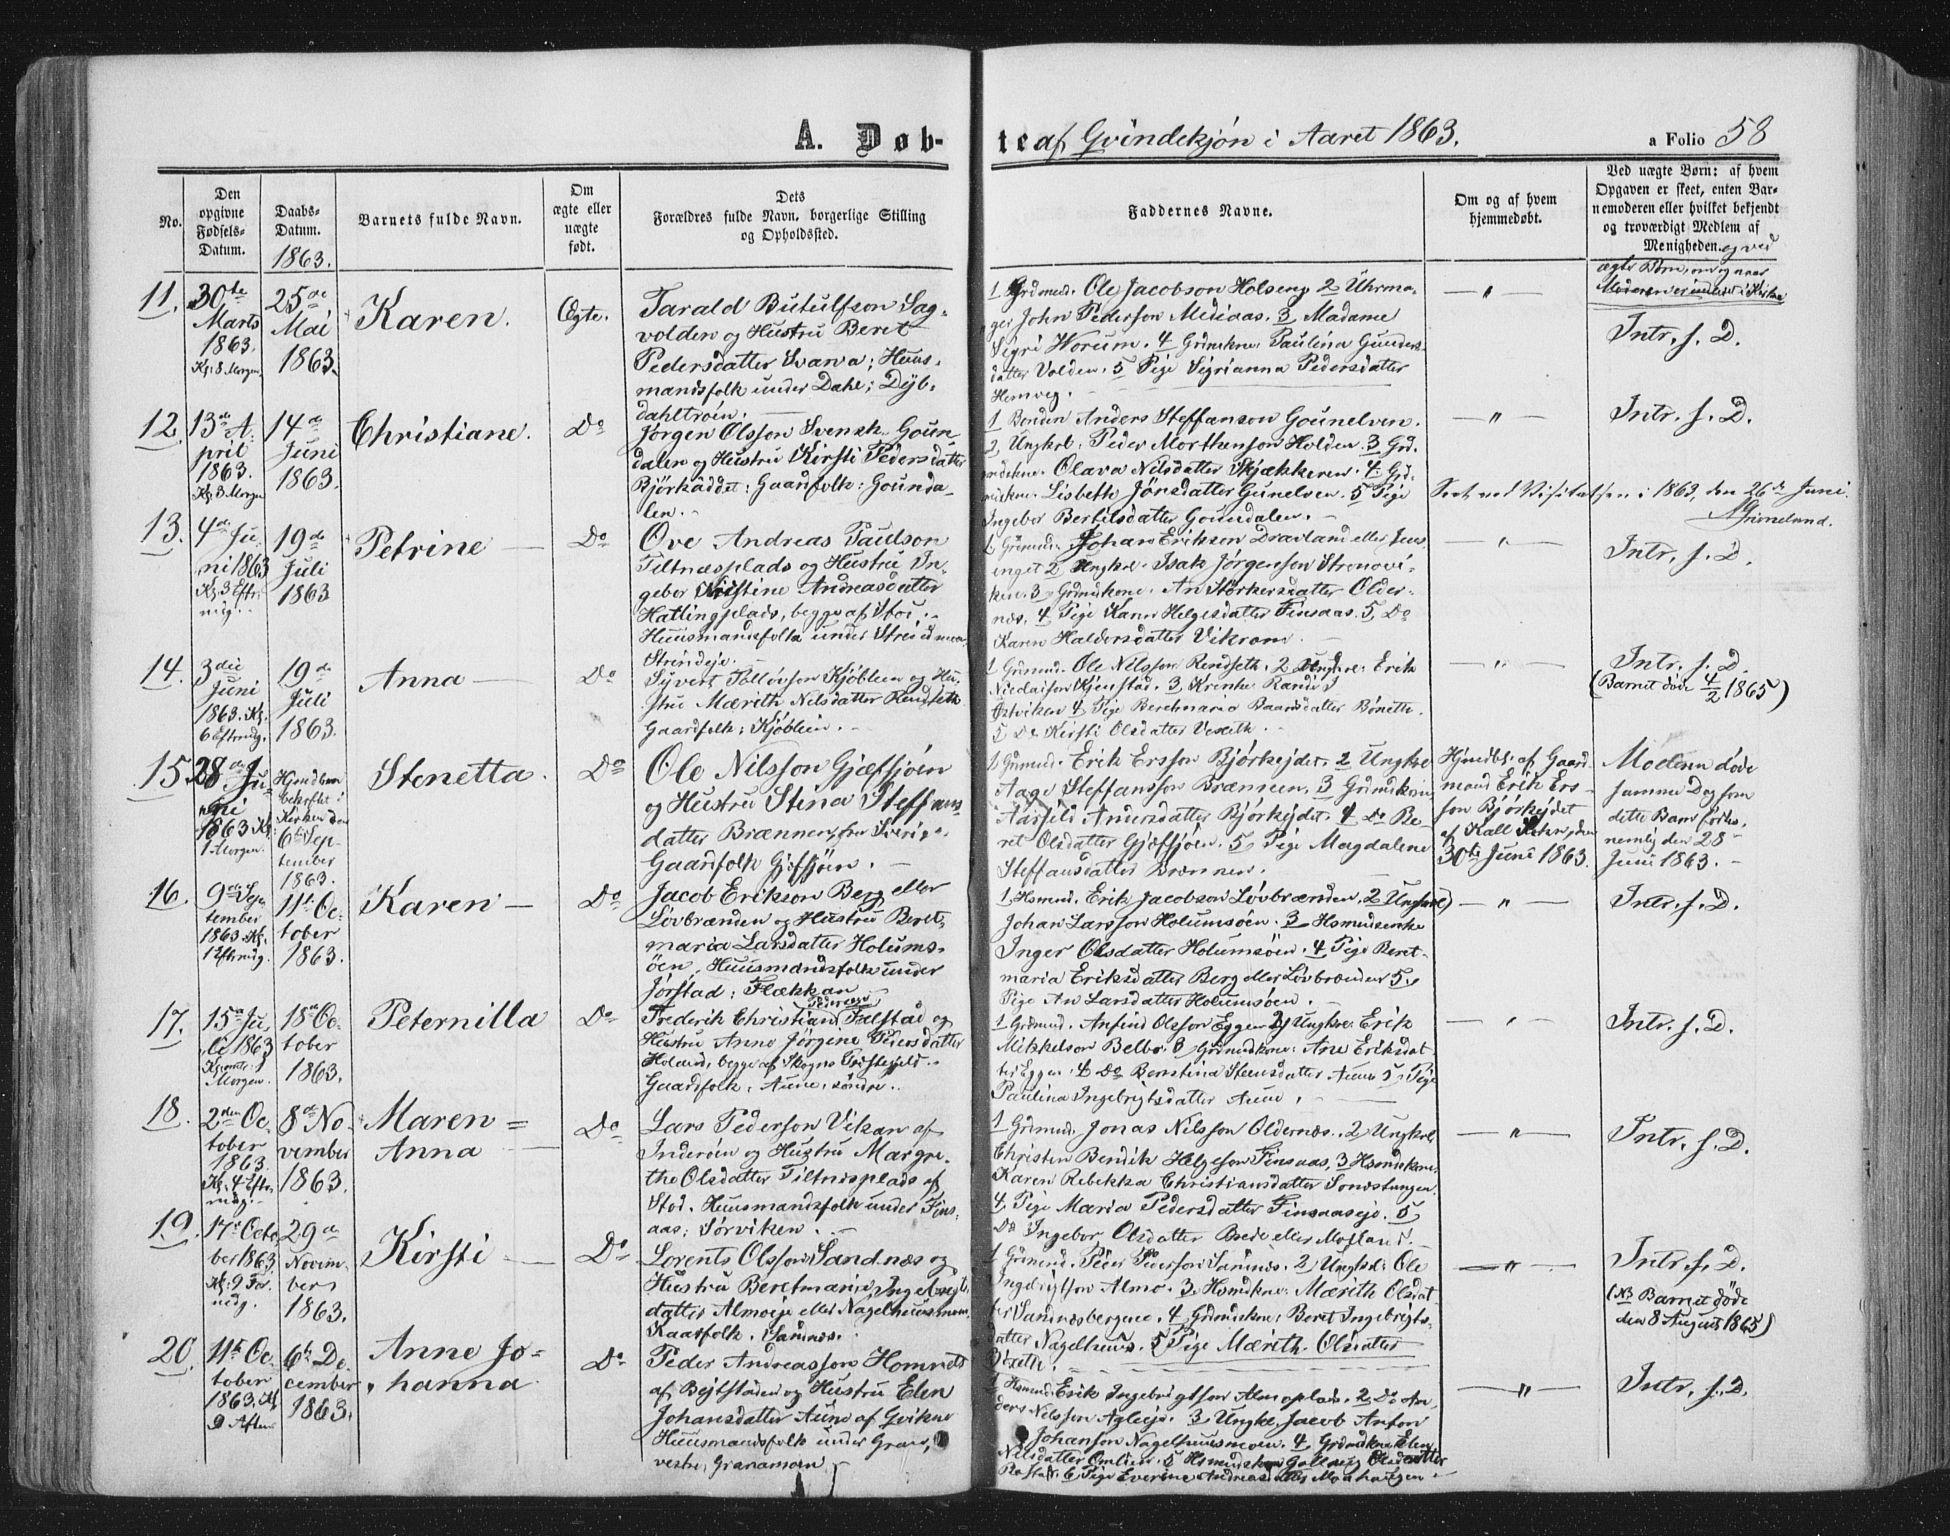 SAT, Ministerialprotokoller, klokkerbøker og fødselsregistre - Nord-Trøndelag, 749/L0472: Ministerialbok nr. 749A06, 1857-1873, s. 58